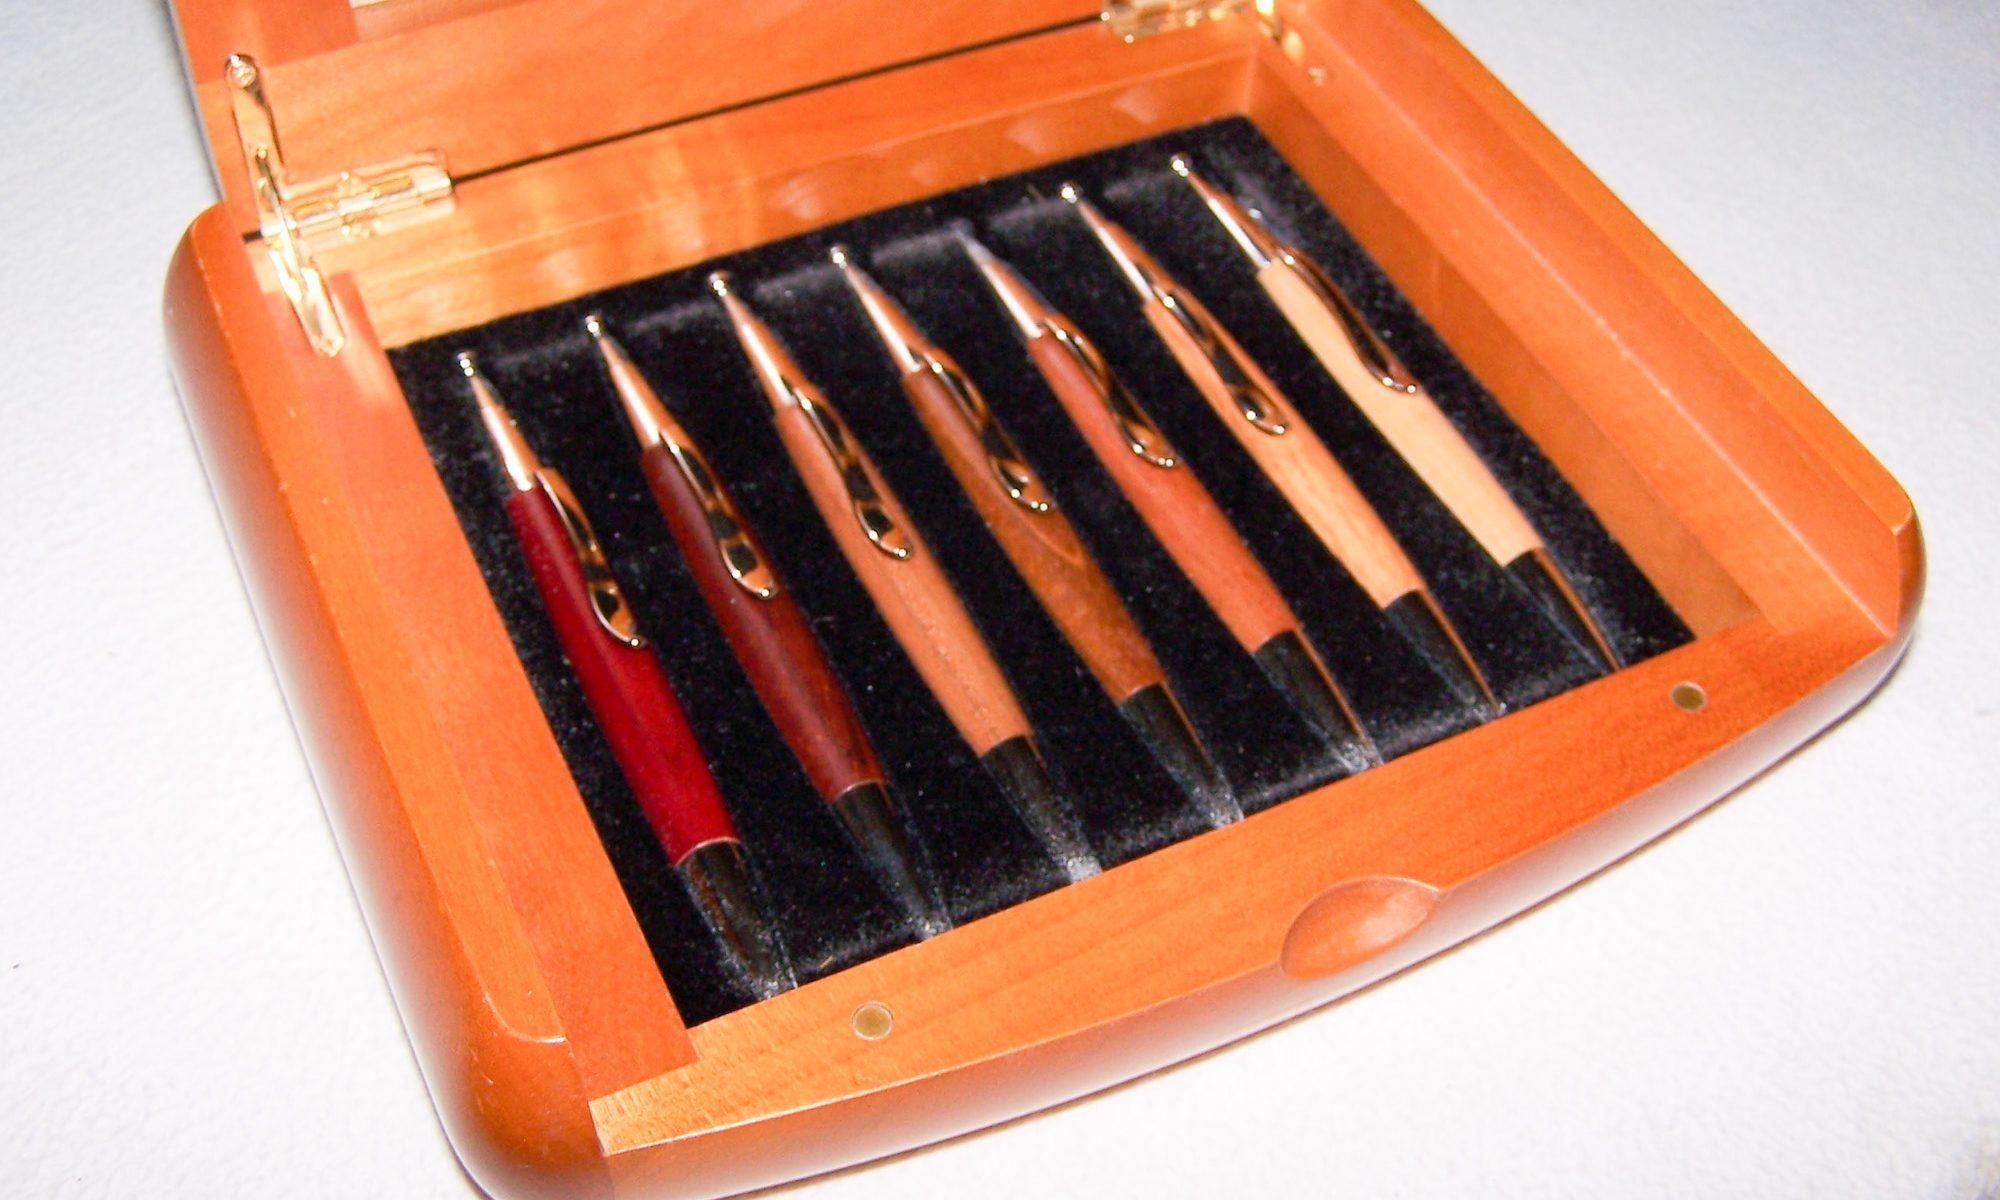 Büro - Bürowerkzeuge - Schreibwerkzeuge - Kugelschreiber-Set mit 7 Holzkugelschreibern - Kirschbaumschatulle geöffnet